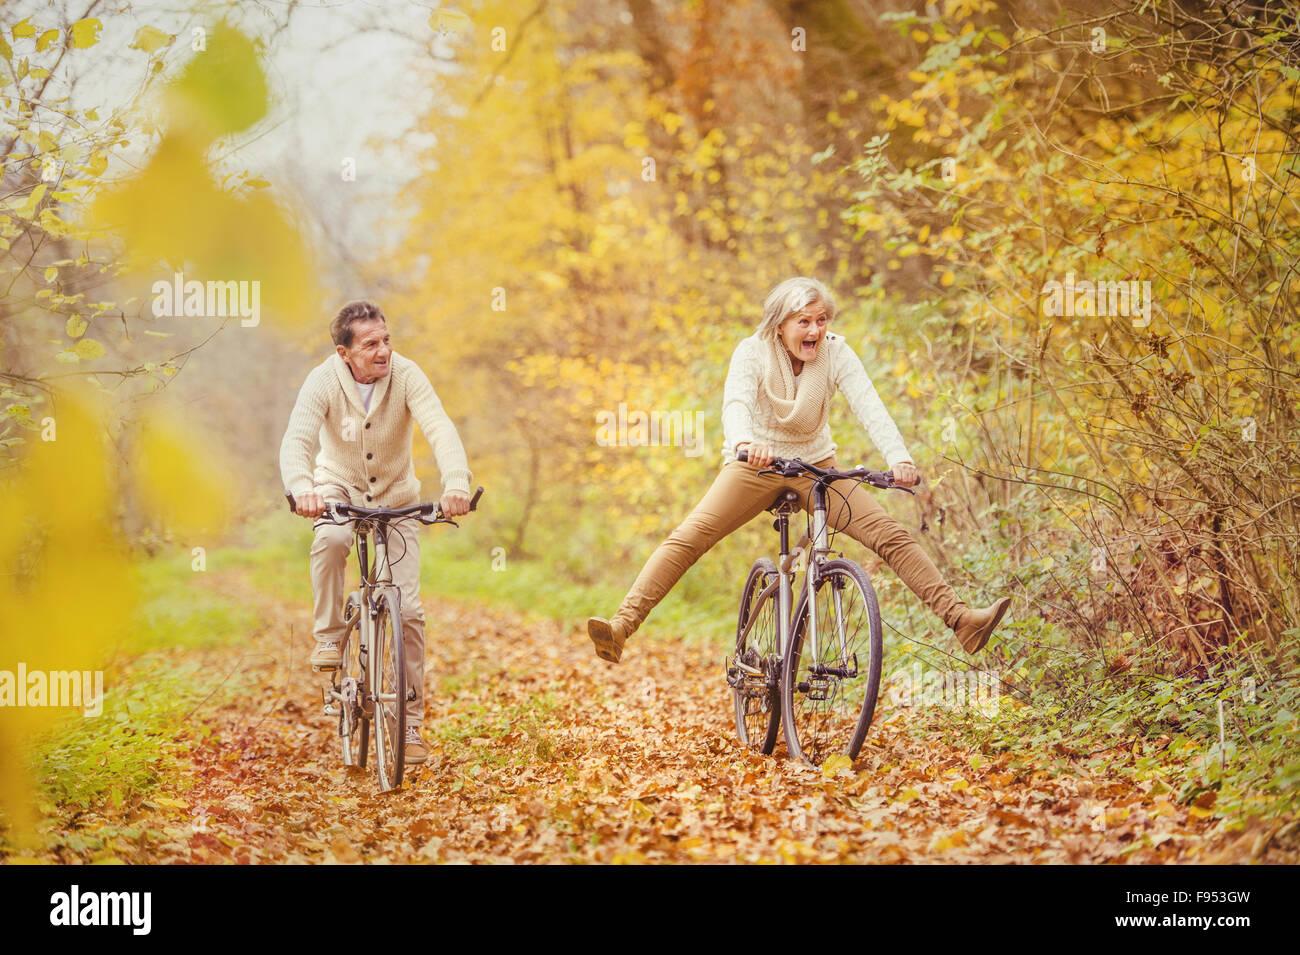 Les aînés actifs riding bike en automne la nature. Ils s'amuser à l'extérieur. Photo Stock